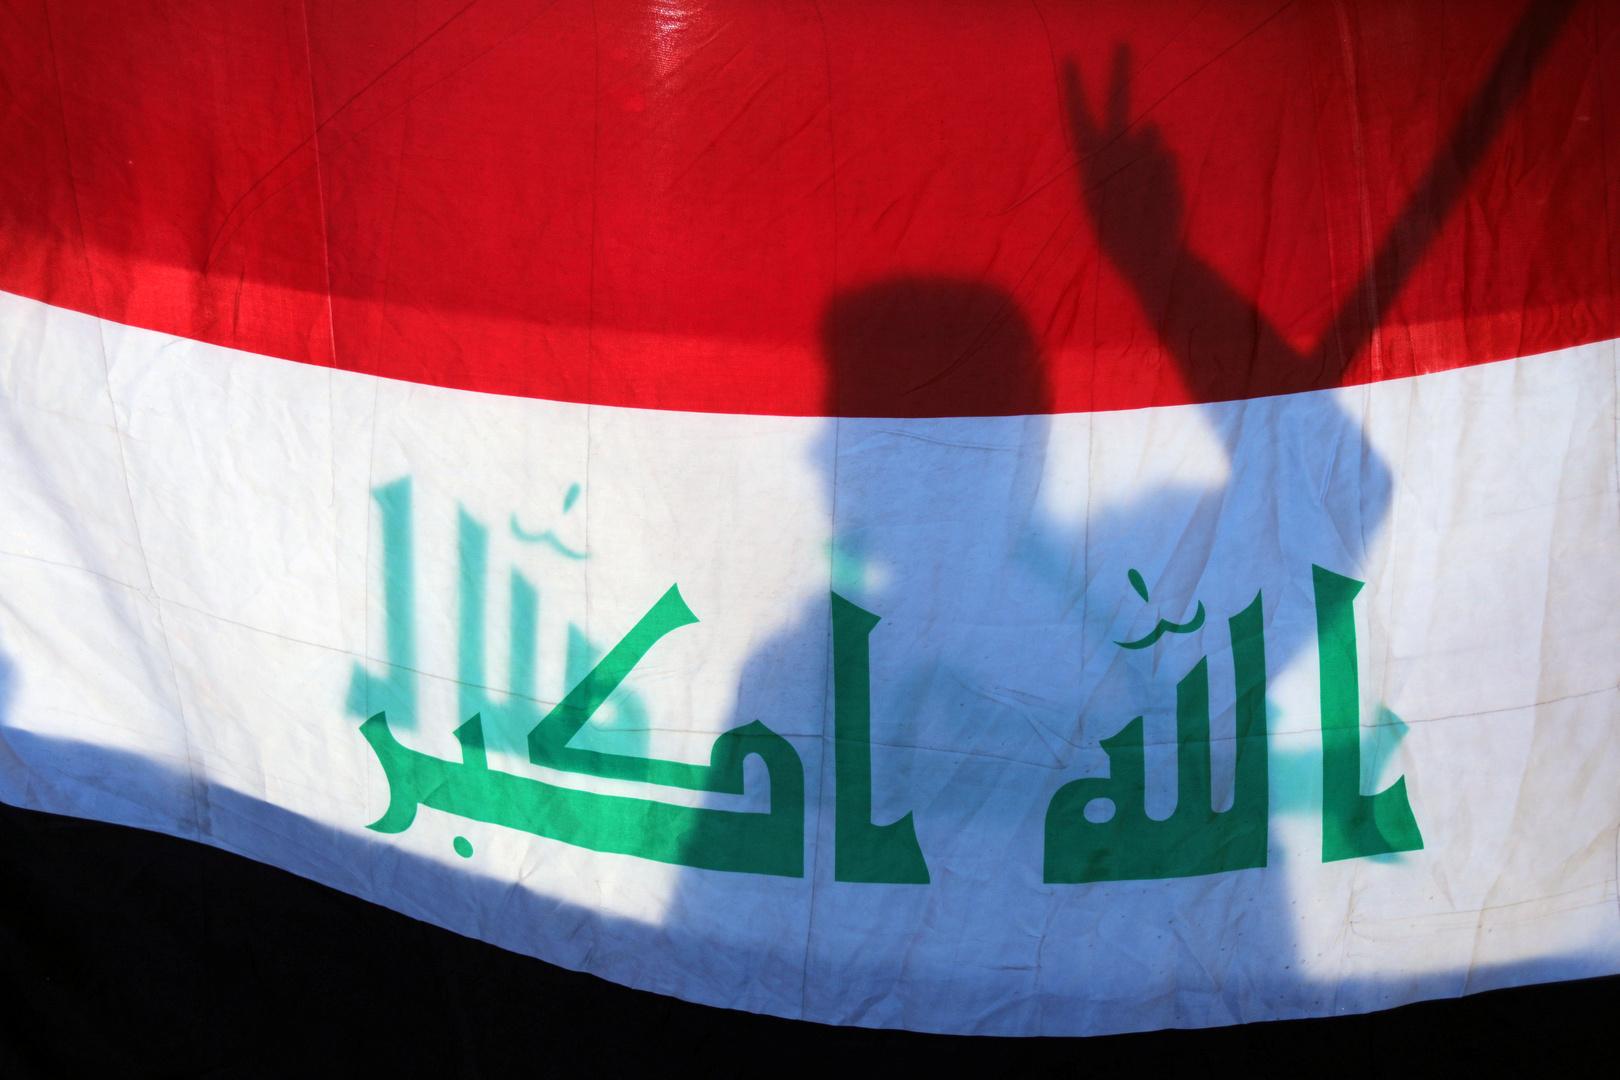 العراق.. الإعدام لـ9 أشخاص ثبتت مشاركتهم في تنفيذ مجزرة